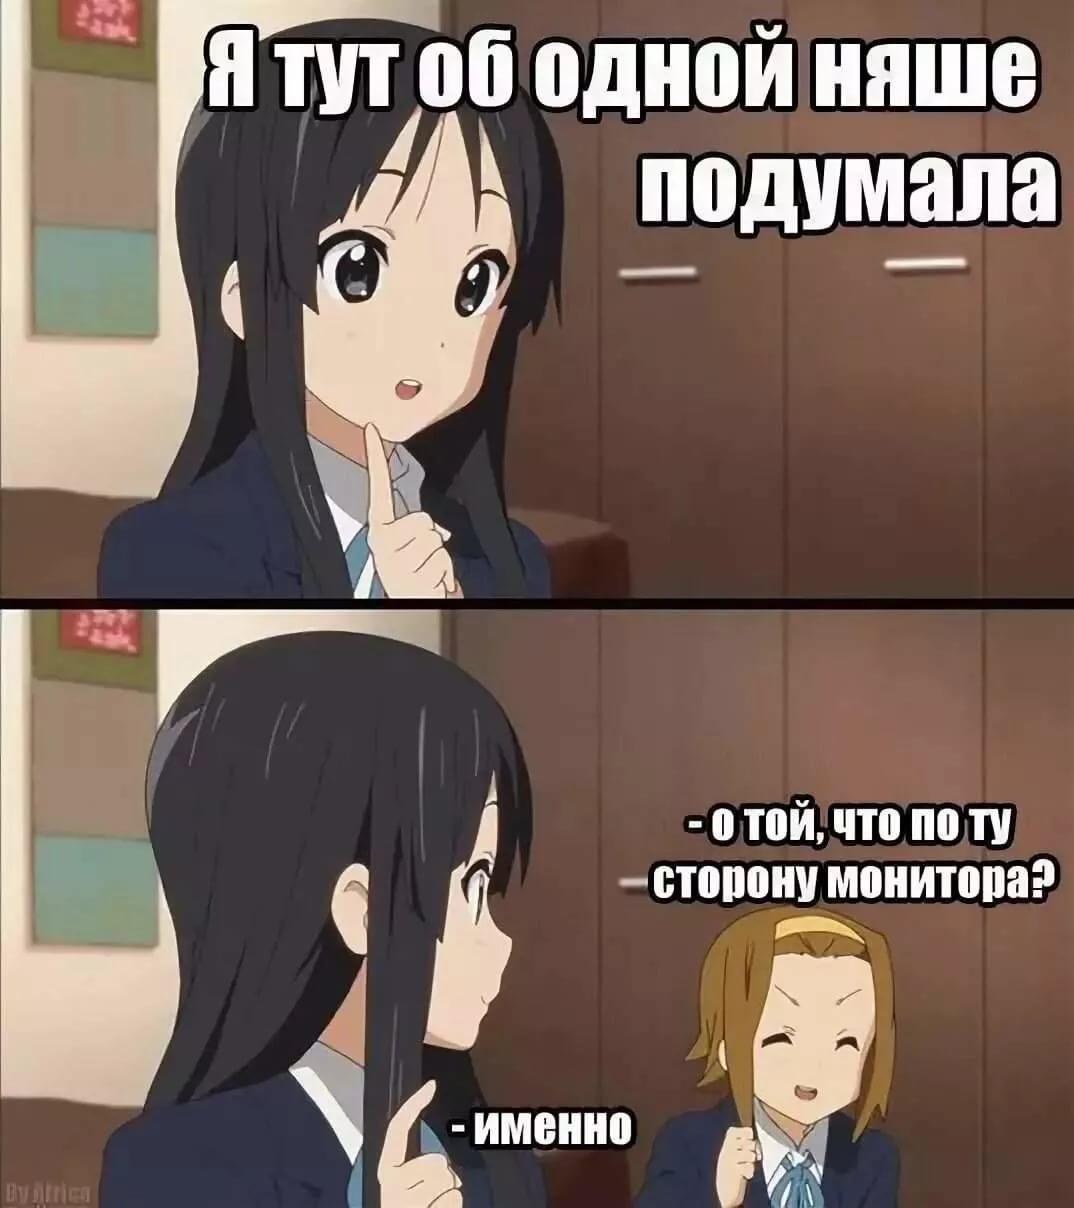 Угарные аниме мемы на русском про школу 20